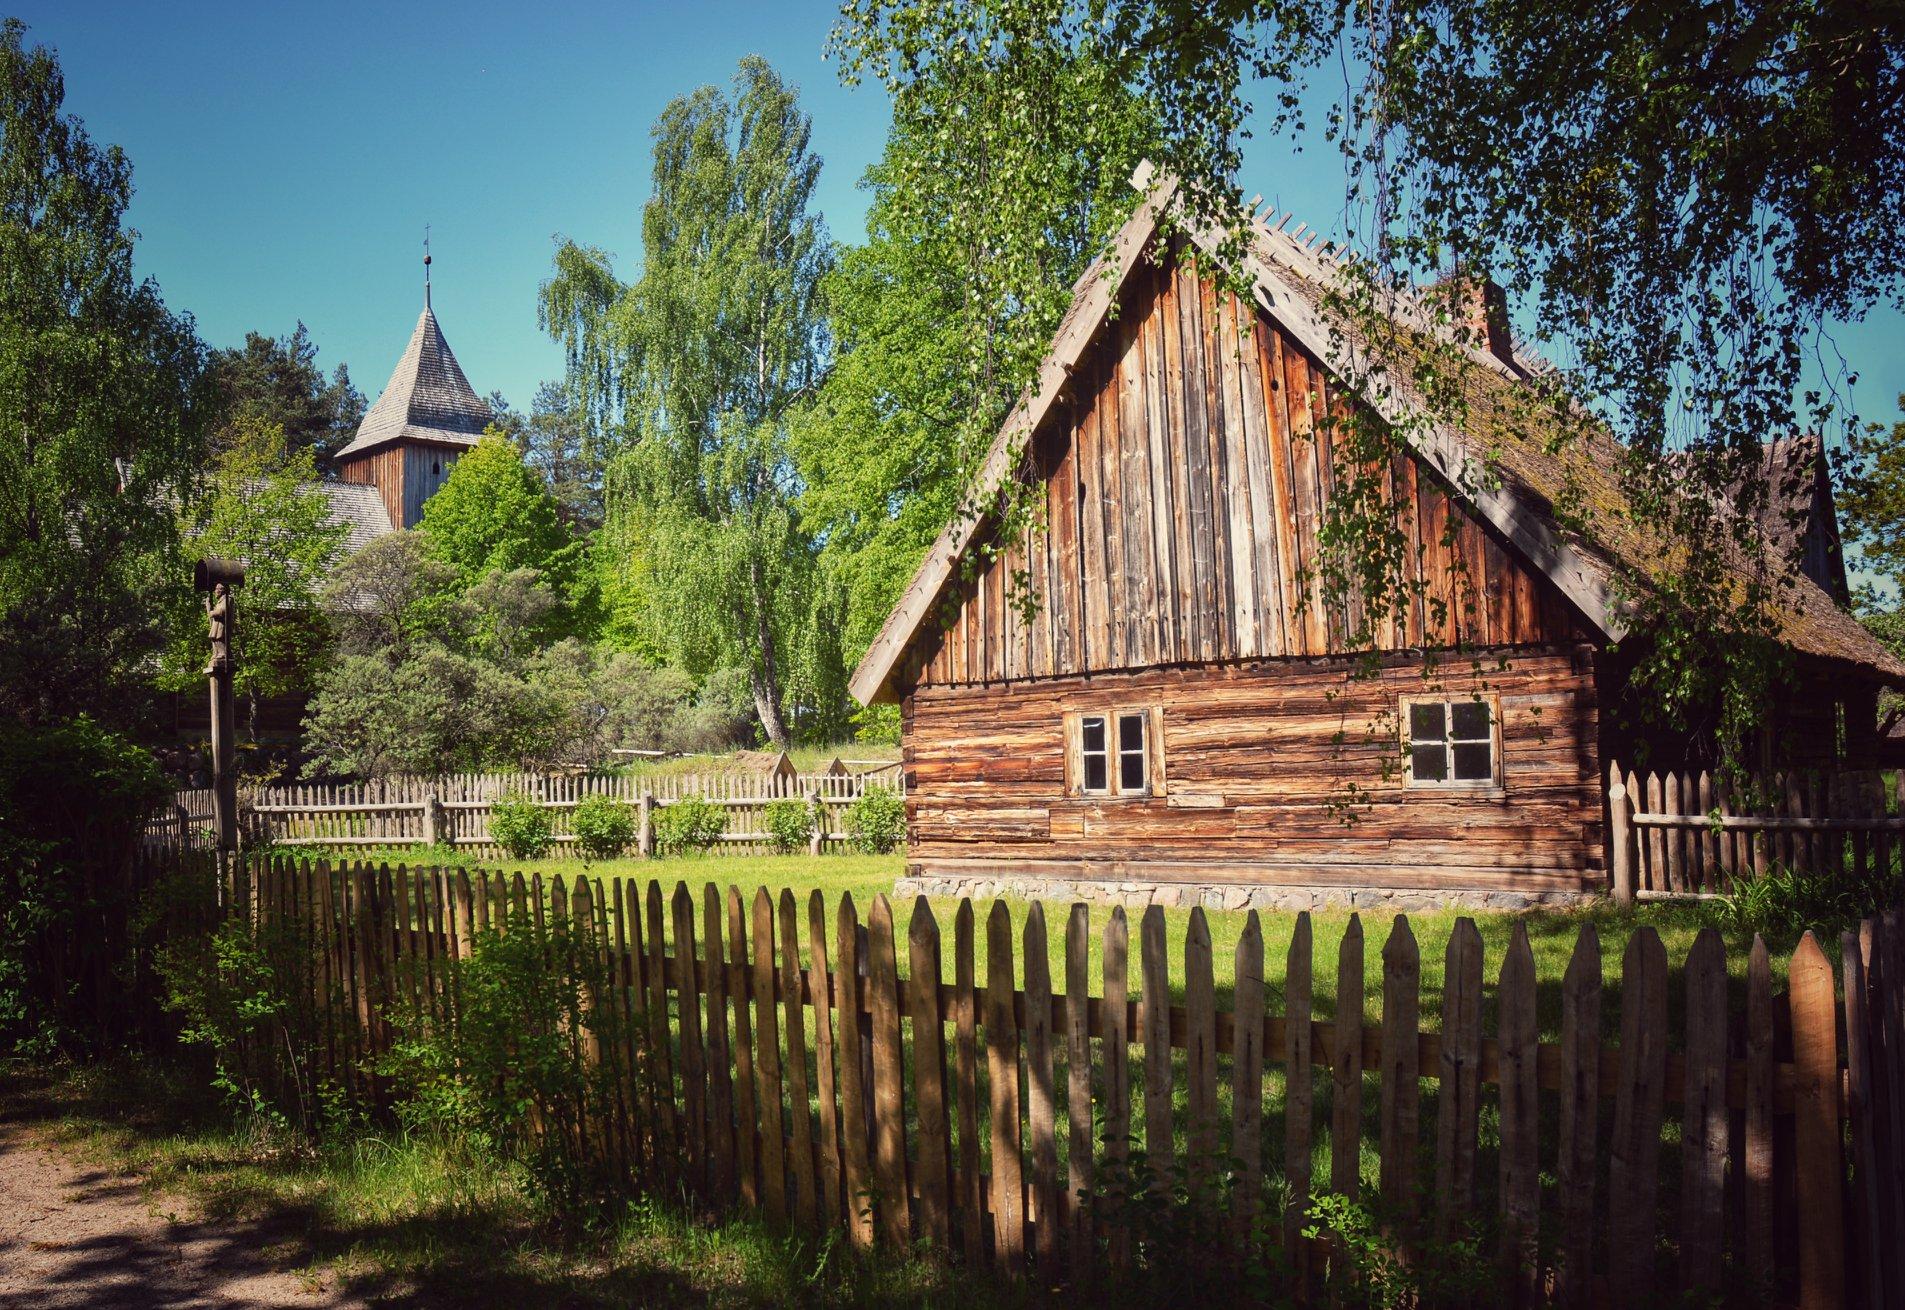 Widok na zabudowę skansenu we Wdzydzach Kiszewskich, Na pierwszym planie drewniana chata, w tle - kościół